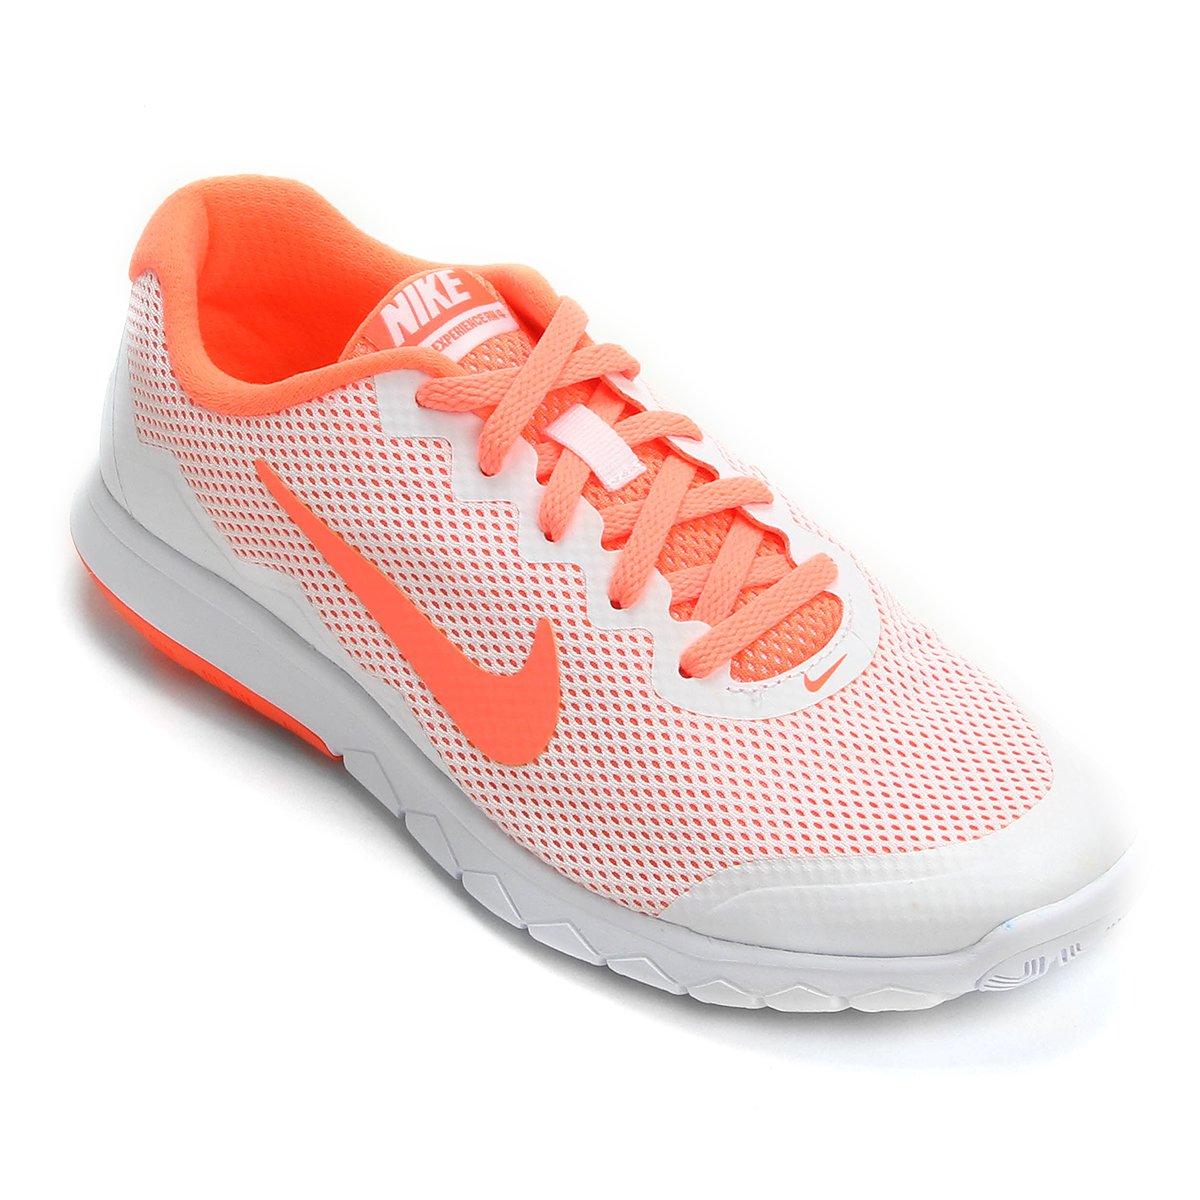 Tênis Nike Flex Experience RN 4 Feminino - Compre Agora  2d7412737e894